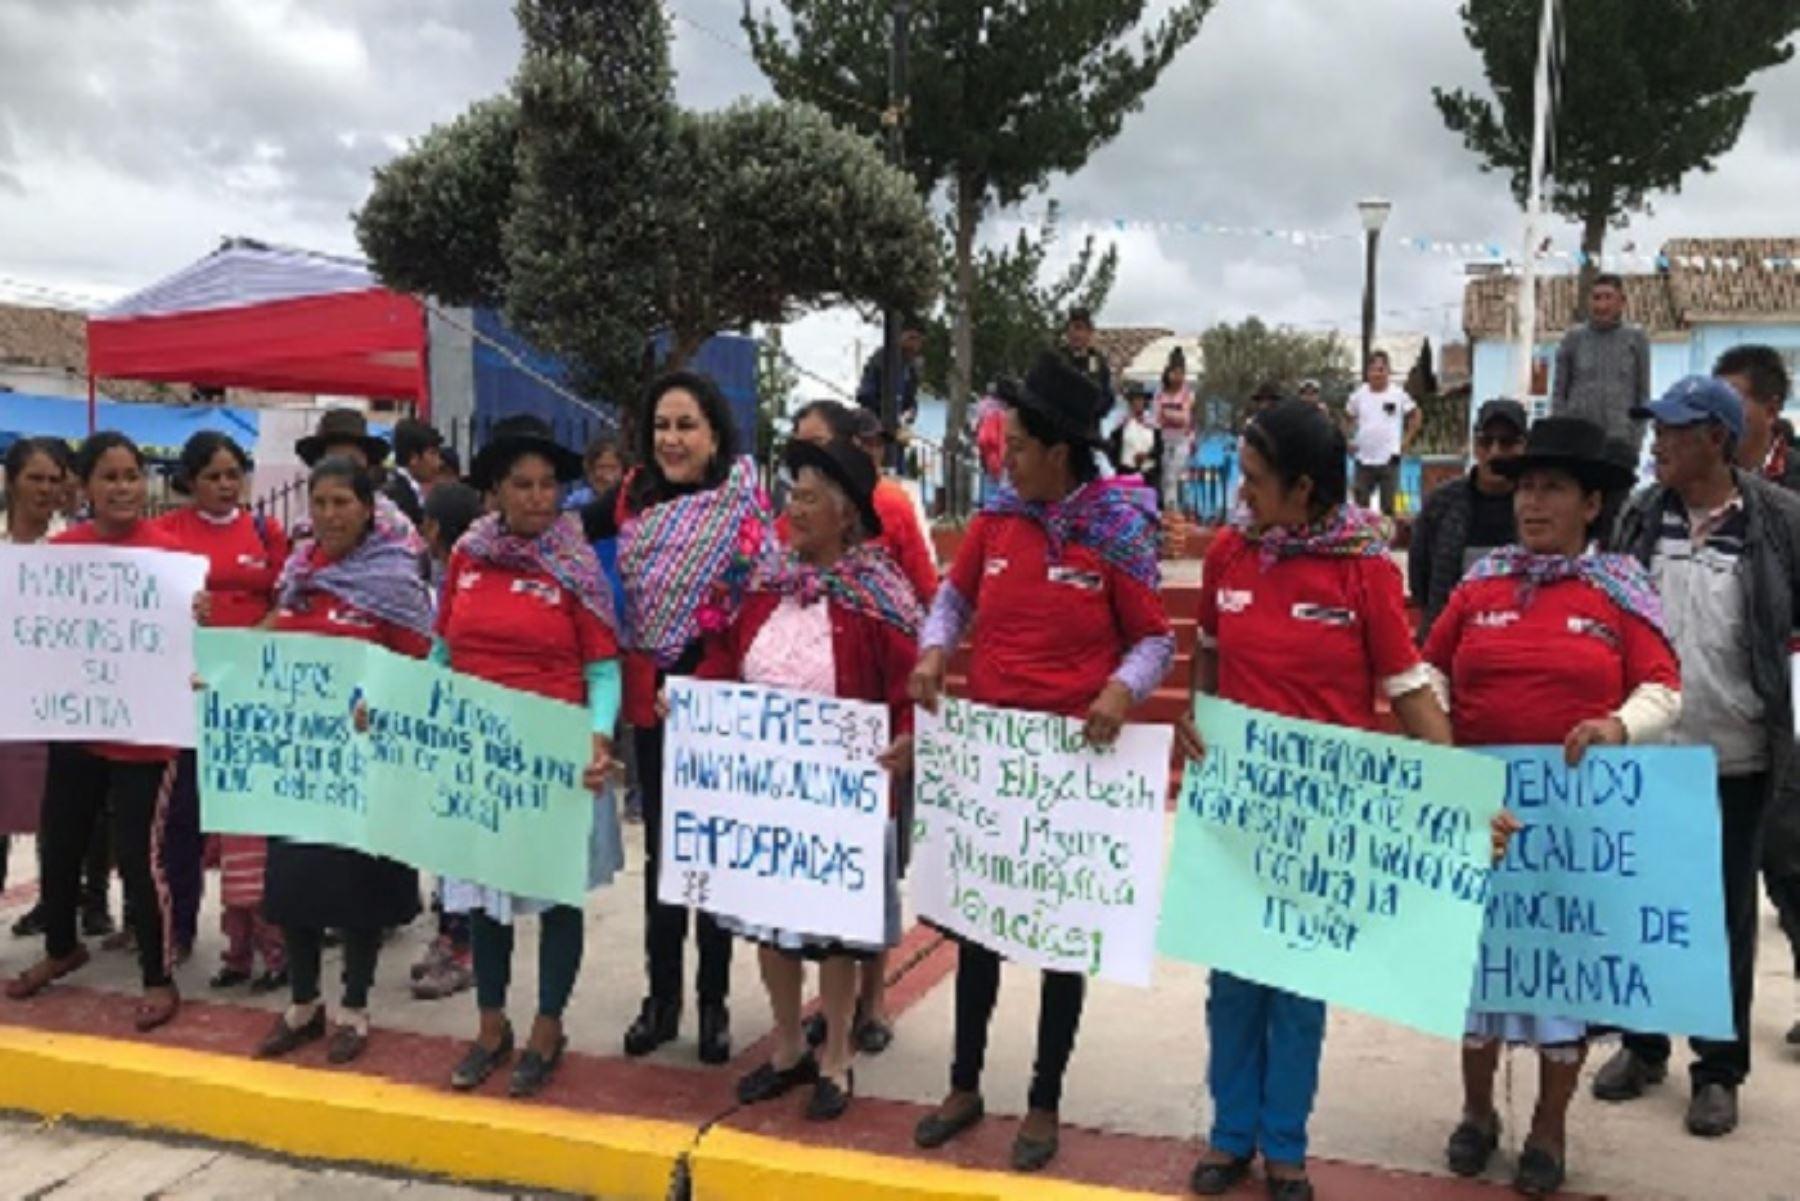 La firma del convenio interinstitucional estuvo presidida por las ministras de la Mujer y Poblaciones Vulnerables, Gloria Montenegro; y  de Trabajo y Promoción del Empleo, Silvia Cáceres, entre otros representantes de la región Ayacucho.